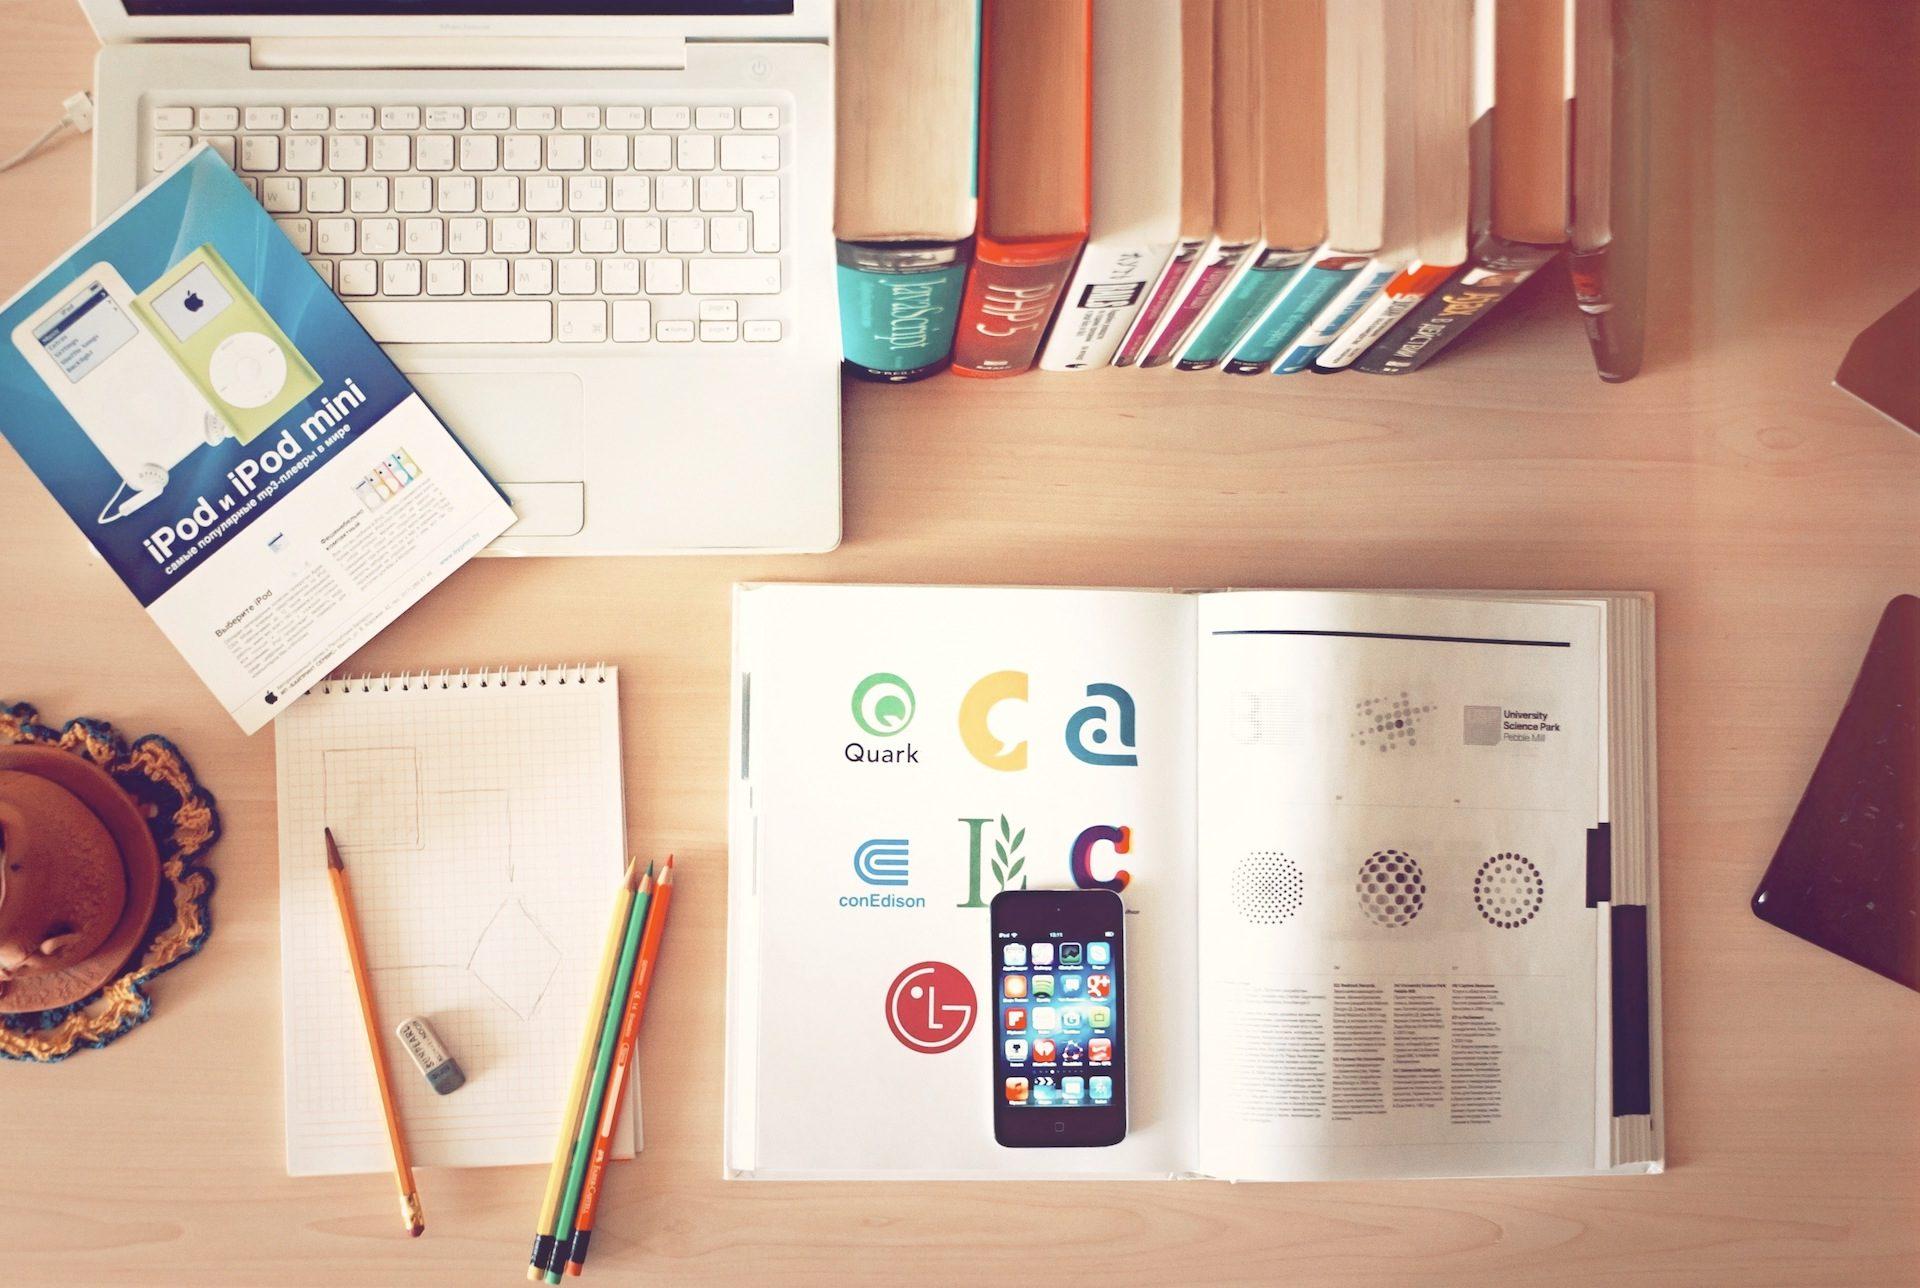 书, 计算机, 桌面, 移动, 办公室, 铅笔 - 高清壁纸 - 教授-falken.com